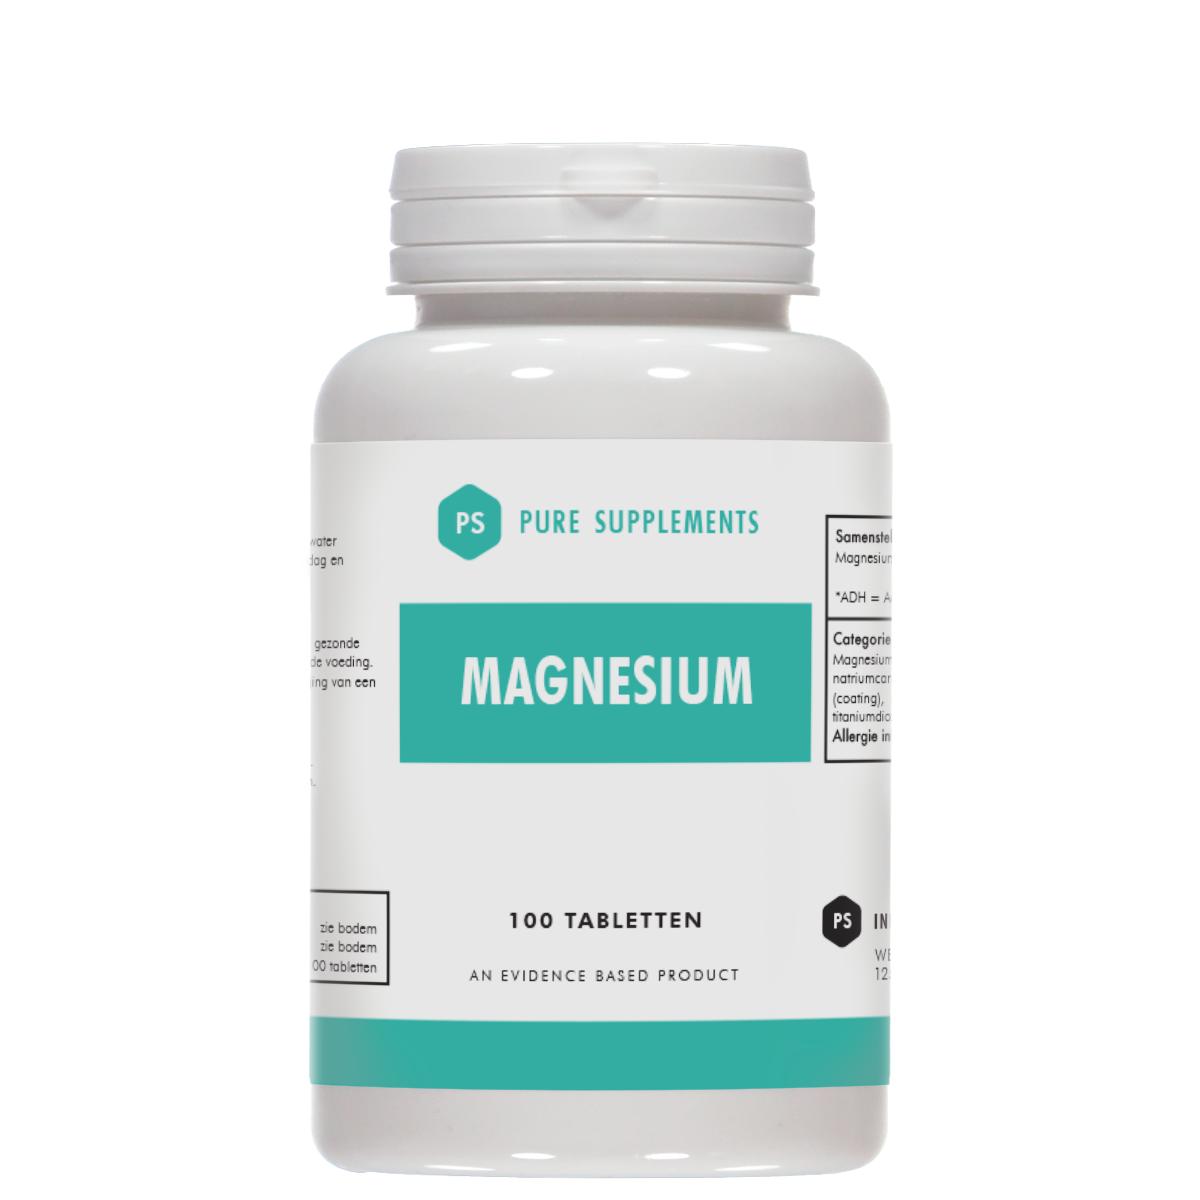 Magnesium-pure-supplements-gezondheid-slaap